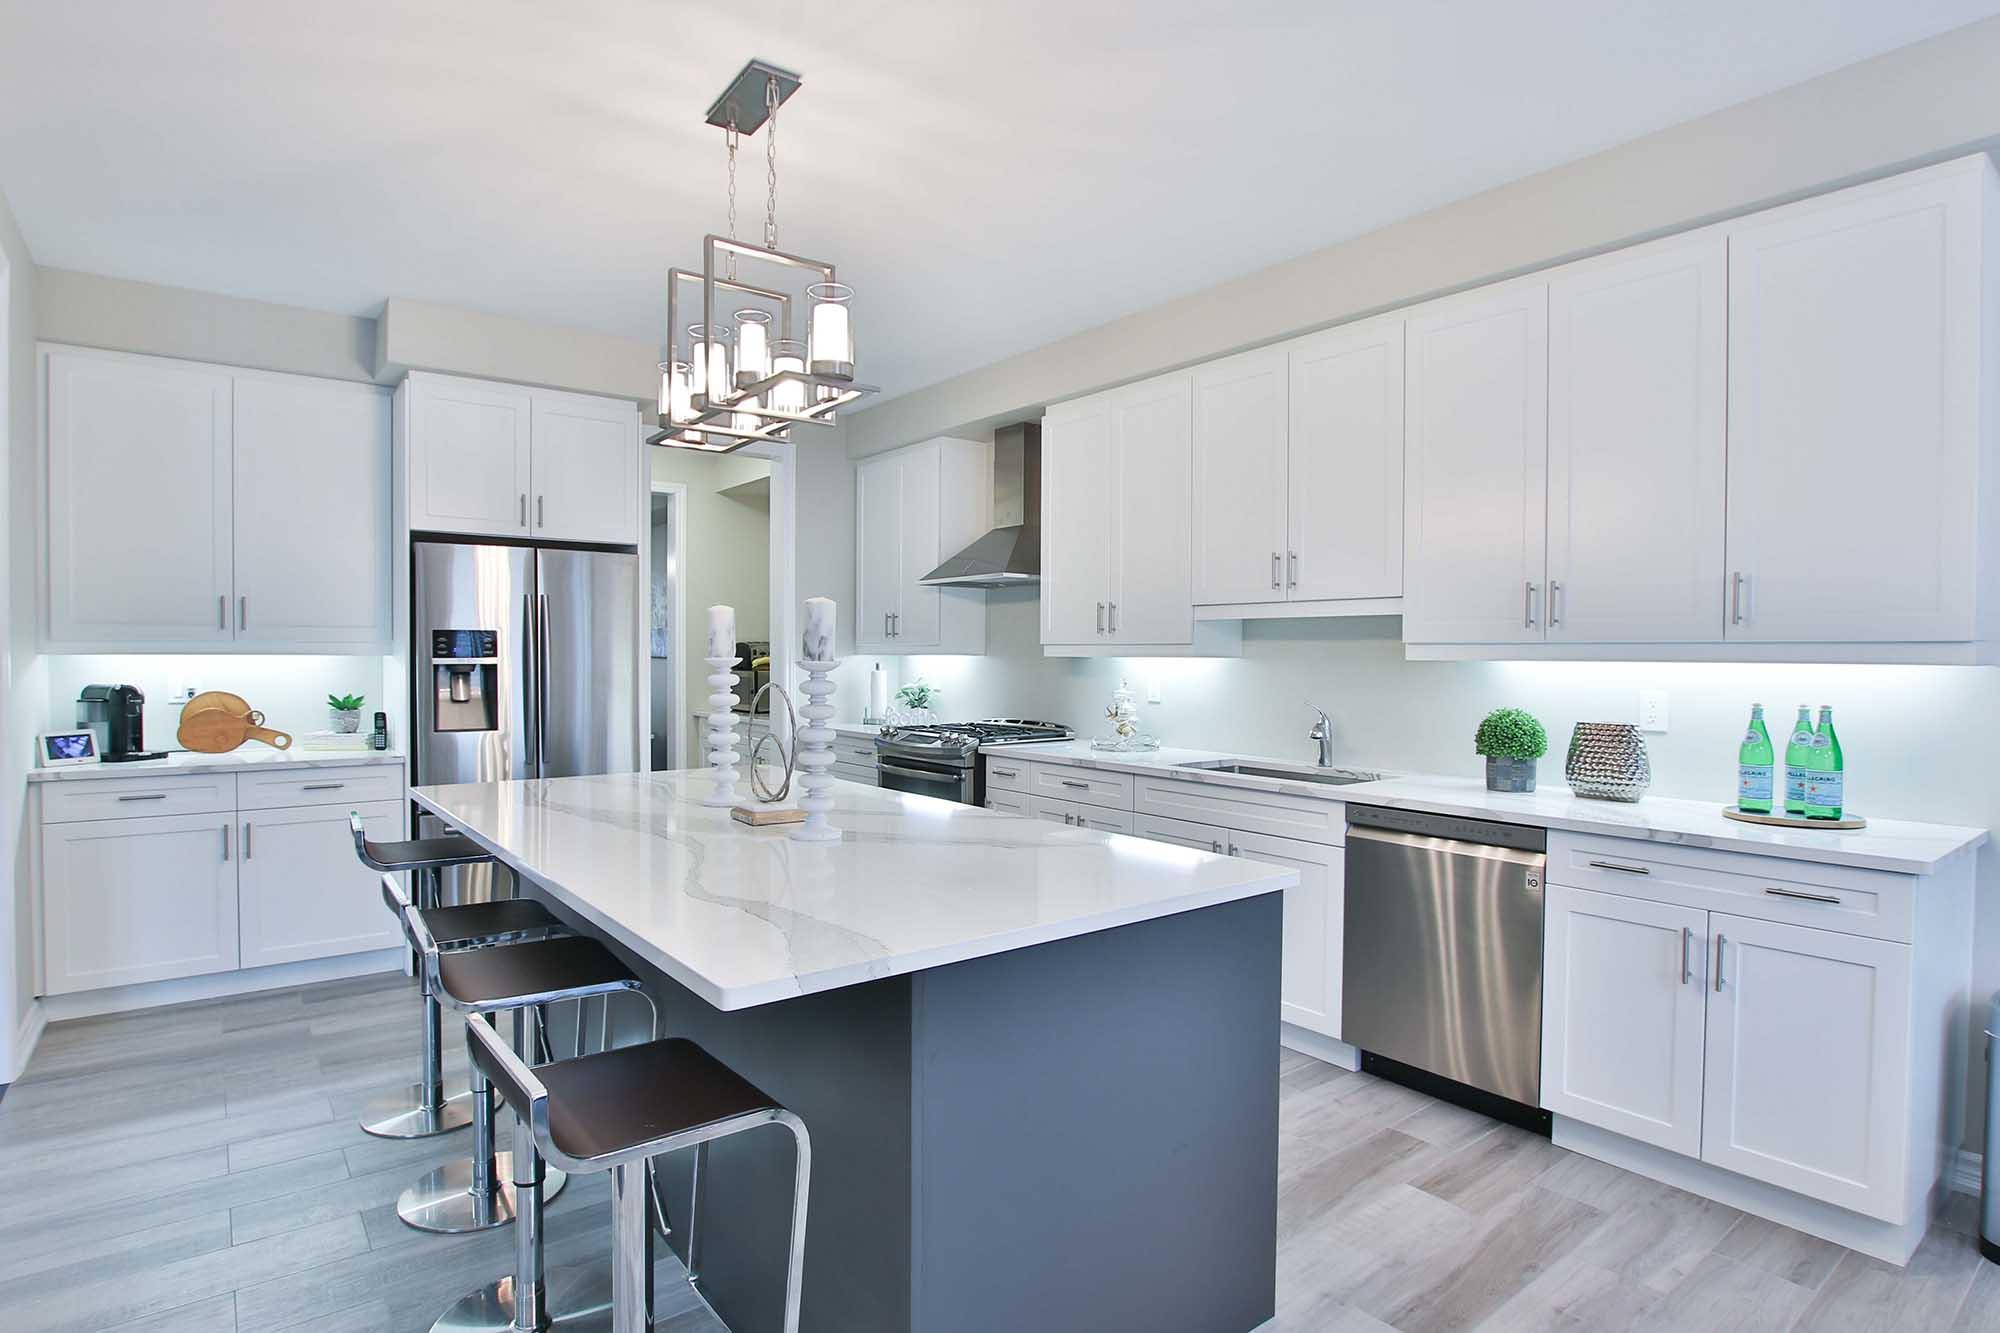 Cómo ganar espacio en la cocina?